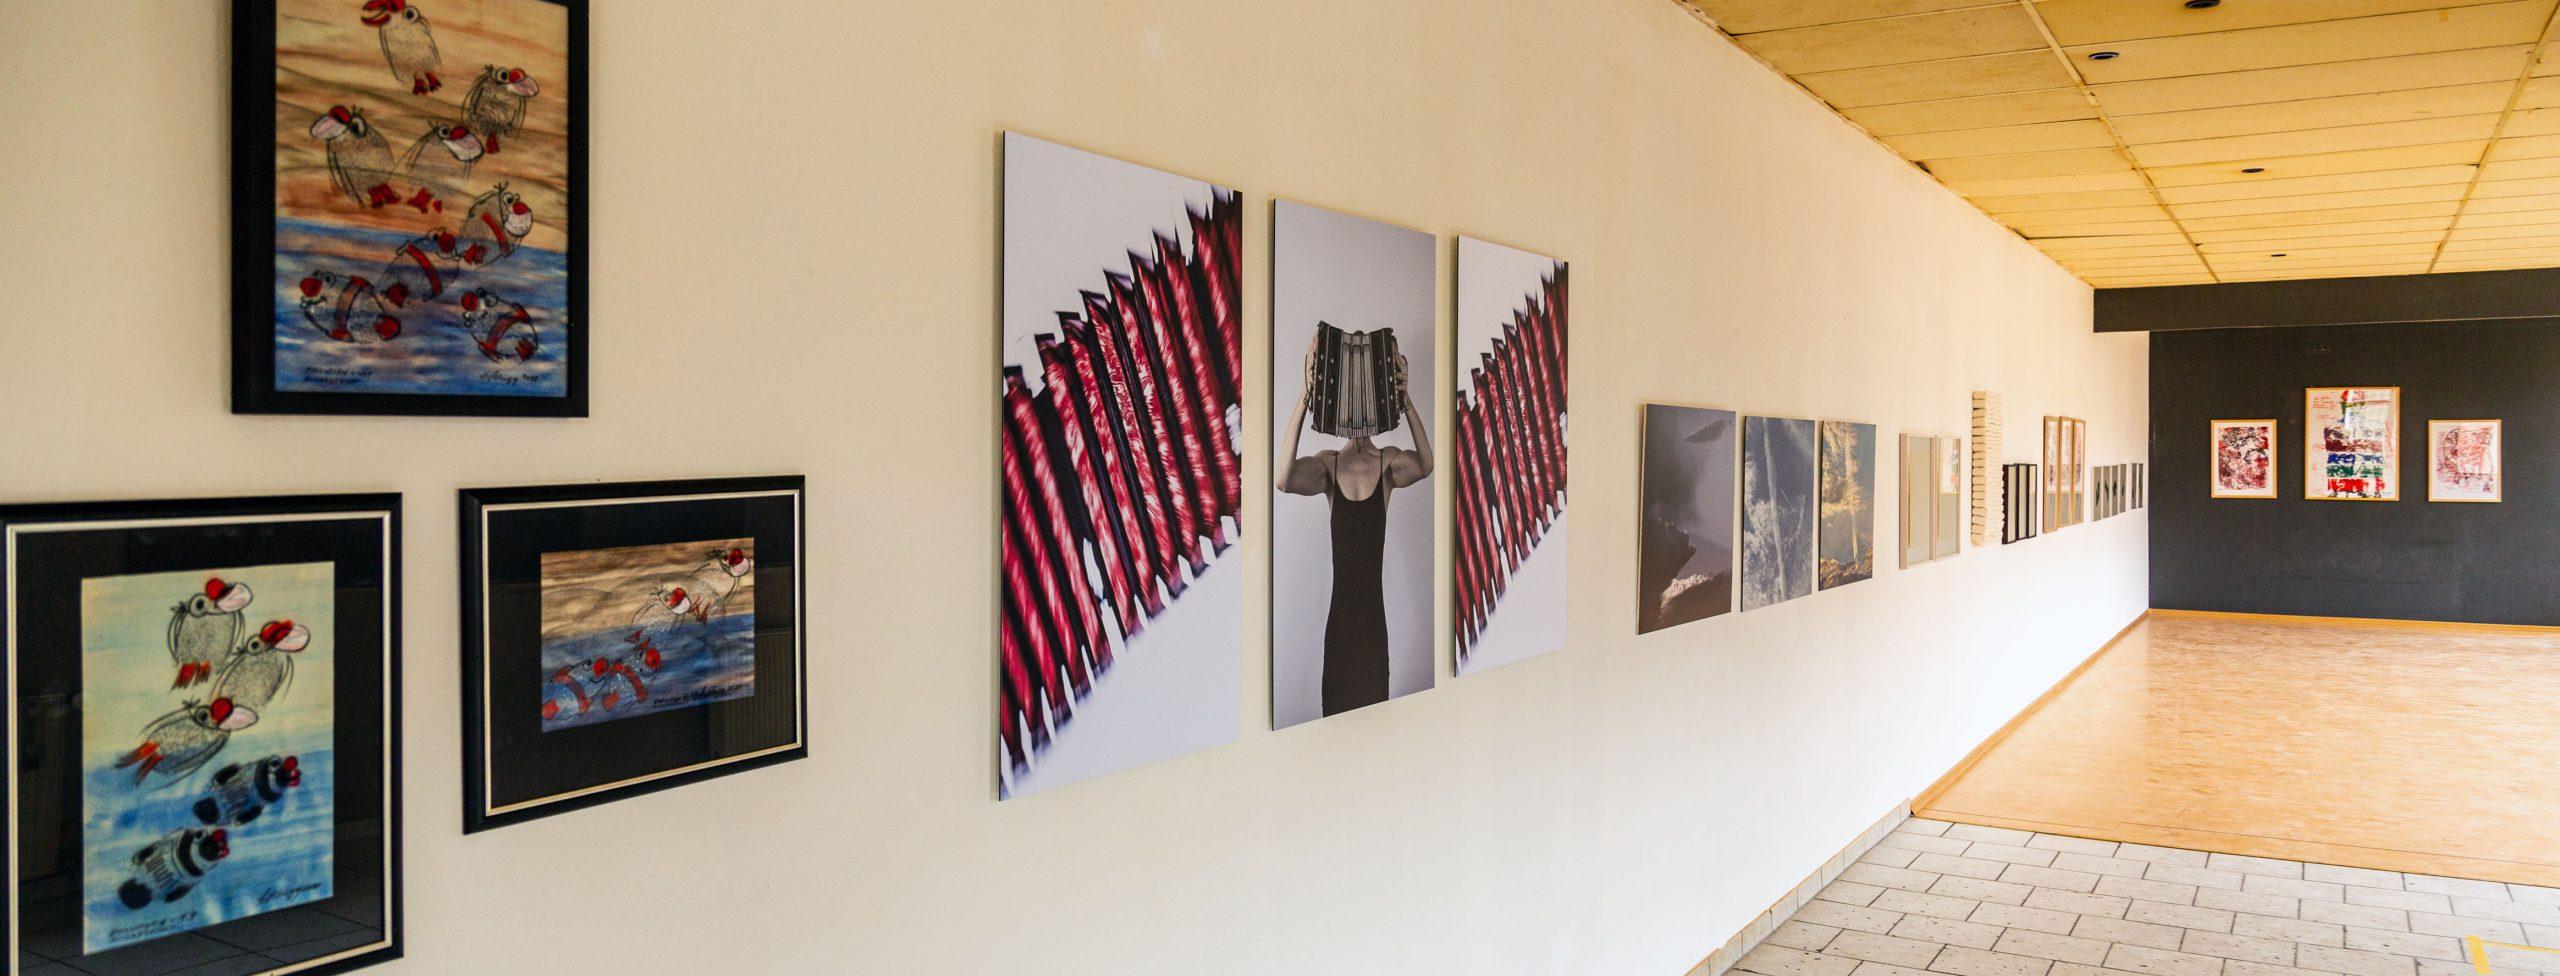 Kunstmeile Trostberg 21: Ausstellungsraum Grafikzentrum im Stadtkino